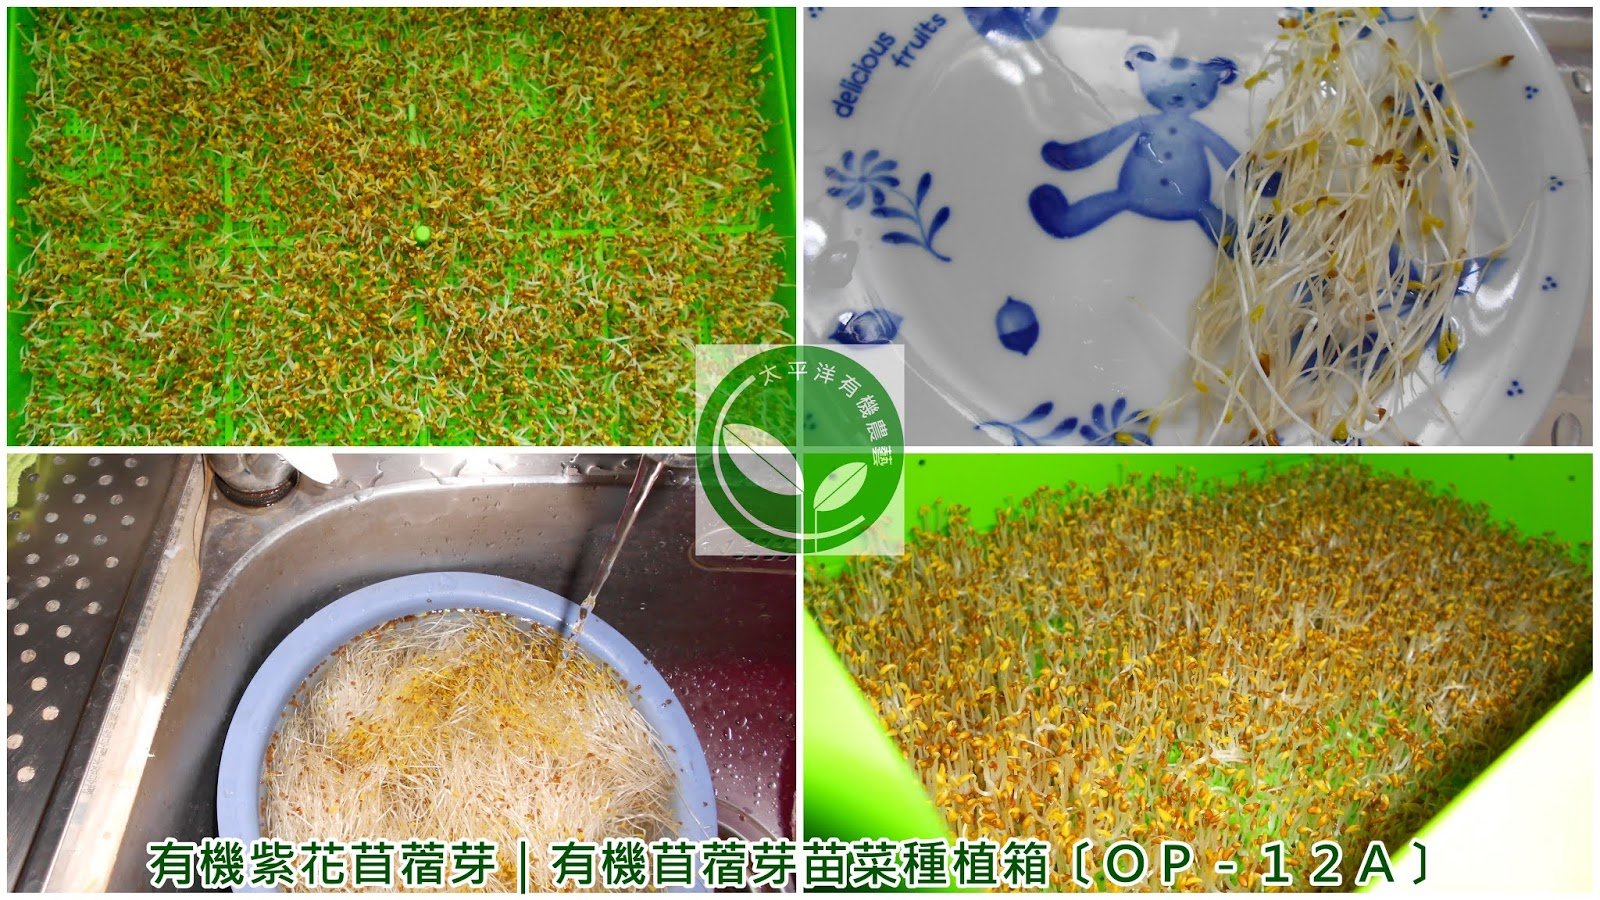 紫花苜蓿,紅花苜蓿,紫花苜蓿功效,苜蓿,苜蓿芽可以煮嗎,苜蓿芽捲,苜蓿芽保存,苜蓿芽寶特瓶,苜蓿草,苜蓿芽